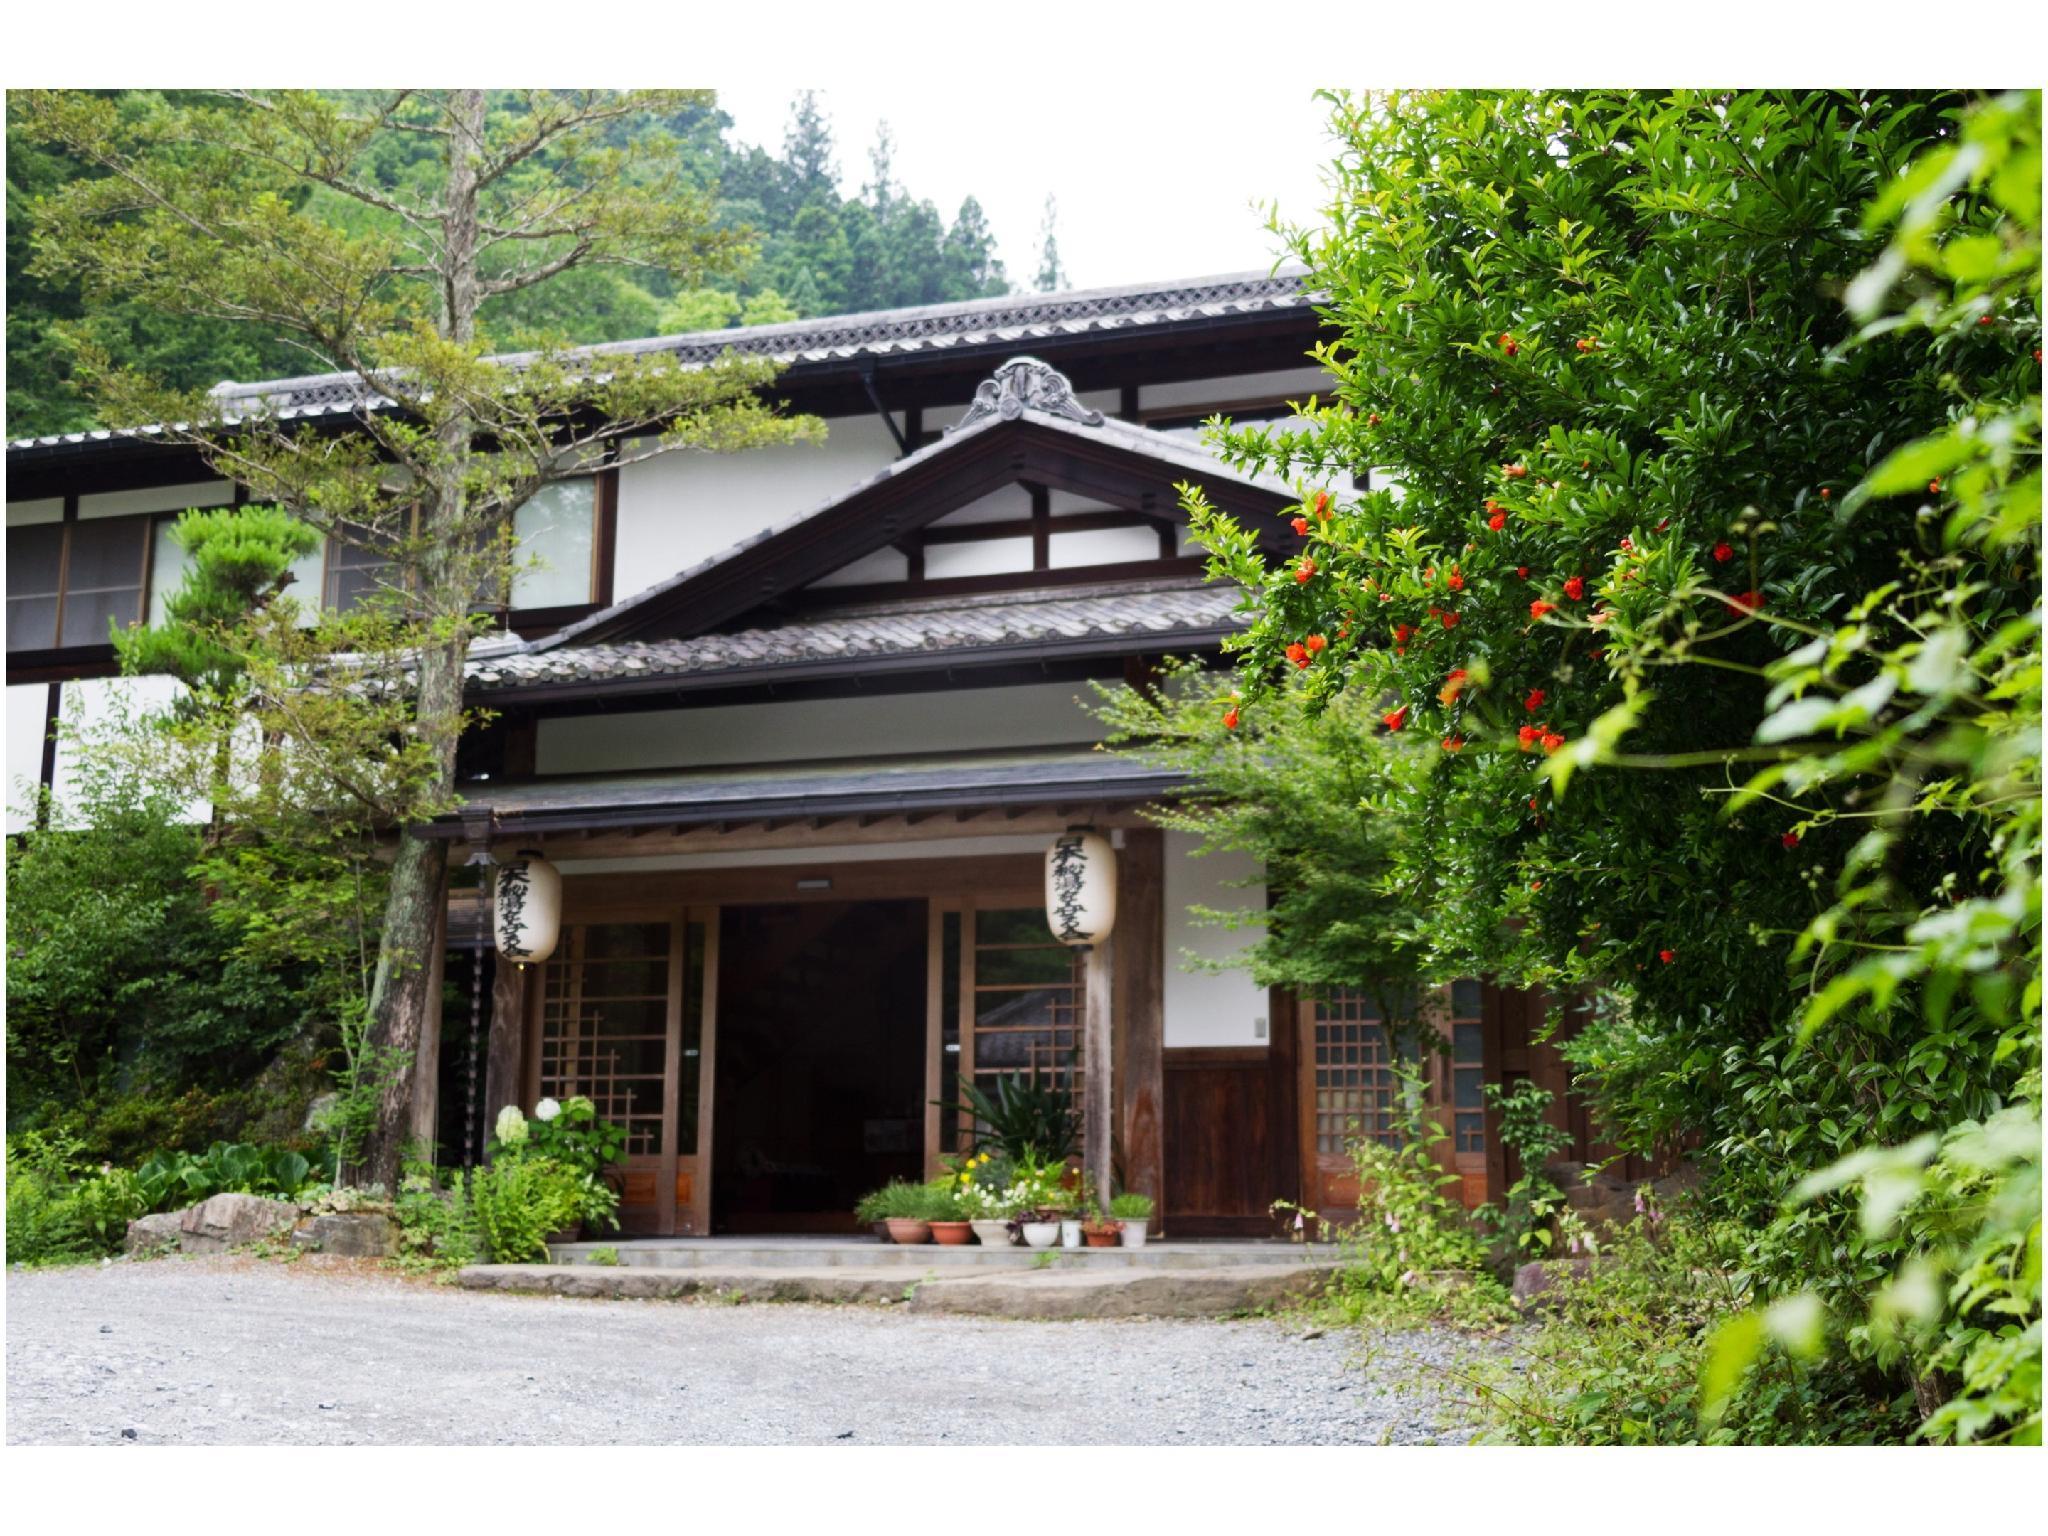 Kayanoya, Chichibu